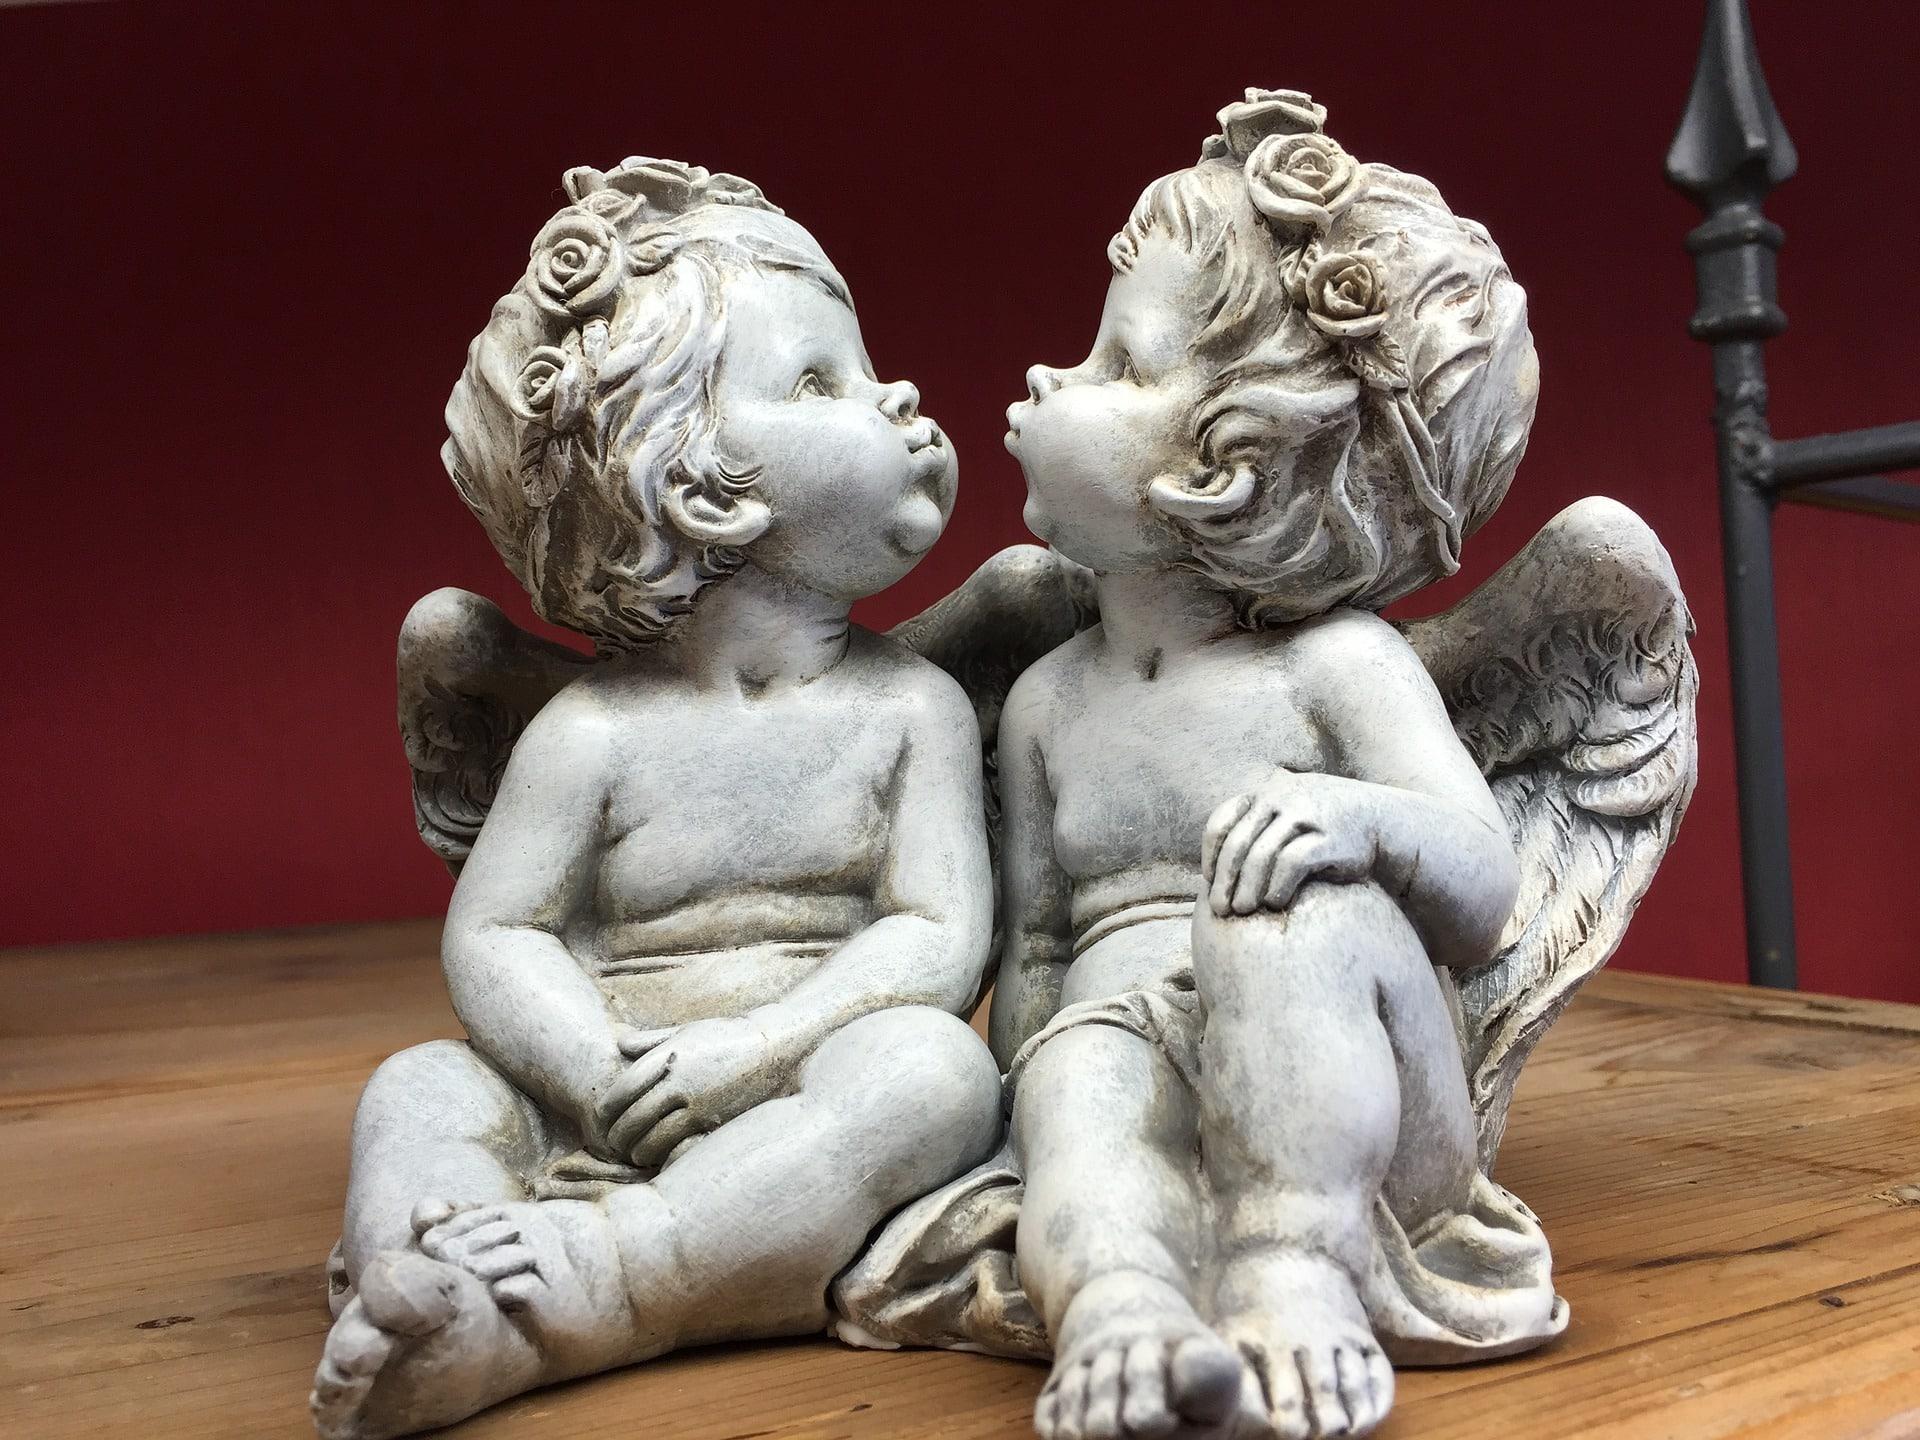 angels-1780532_1920